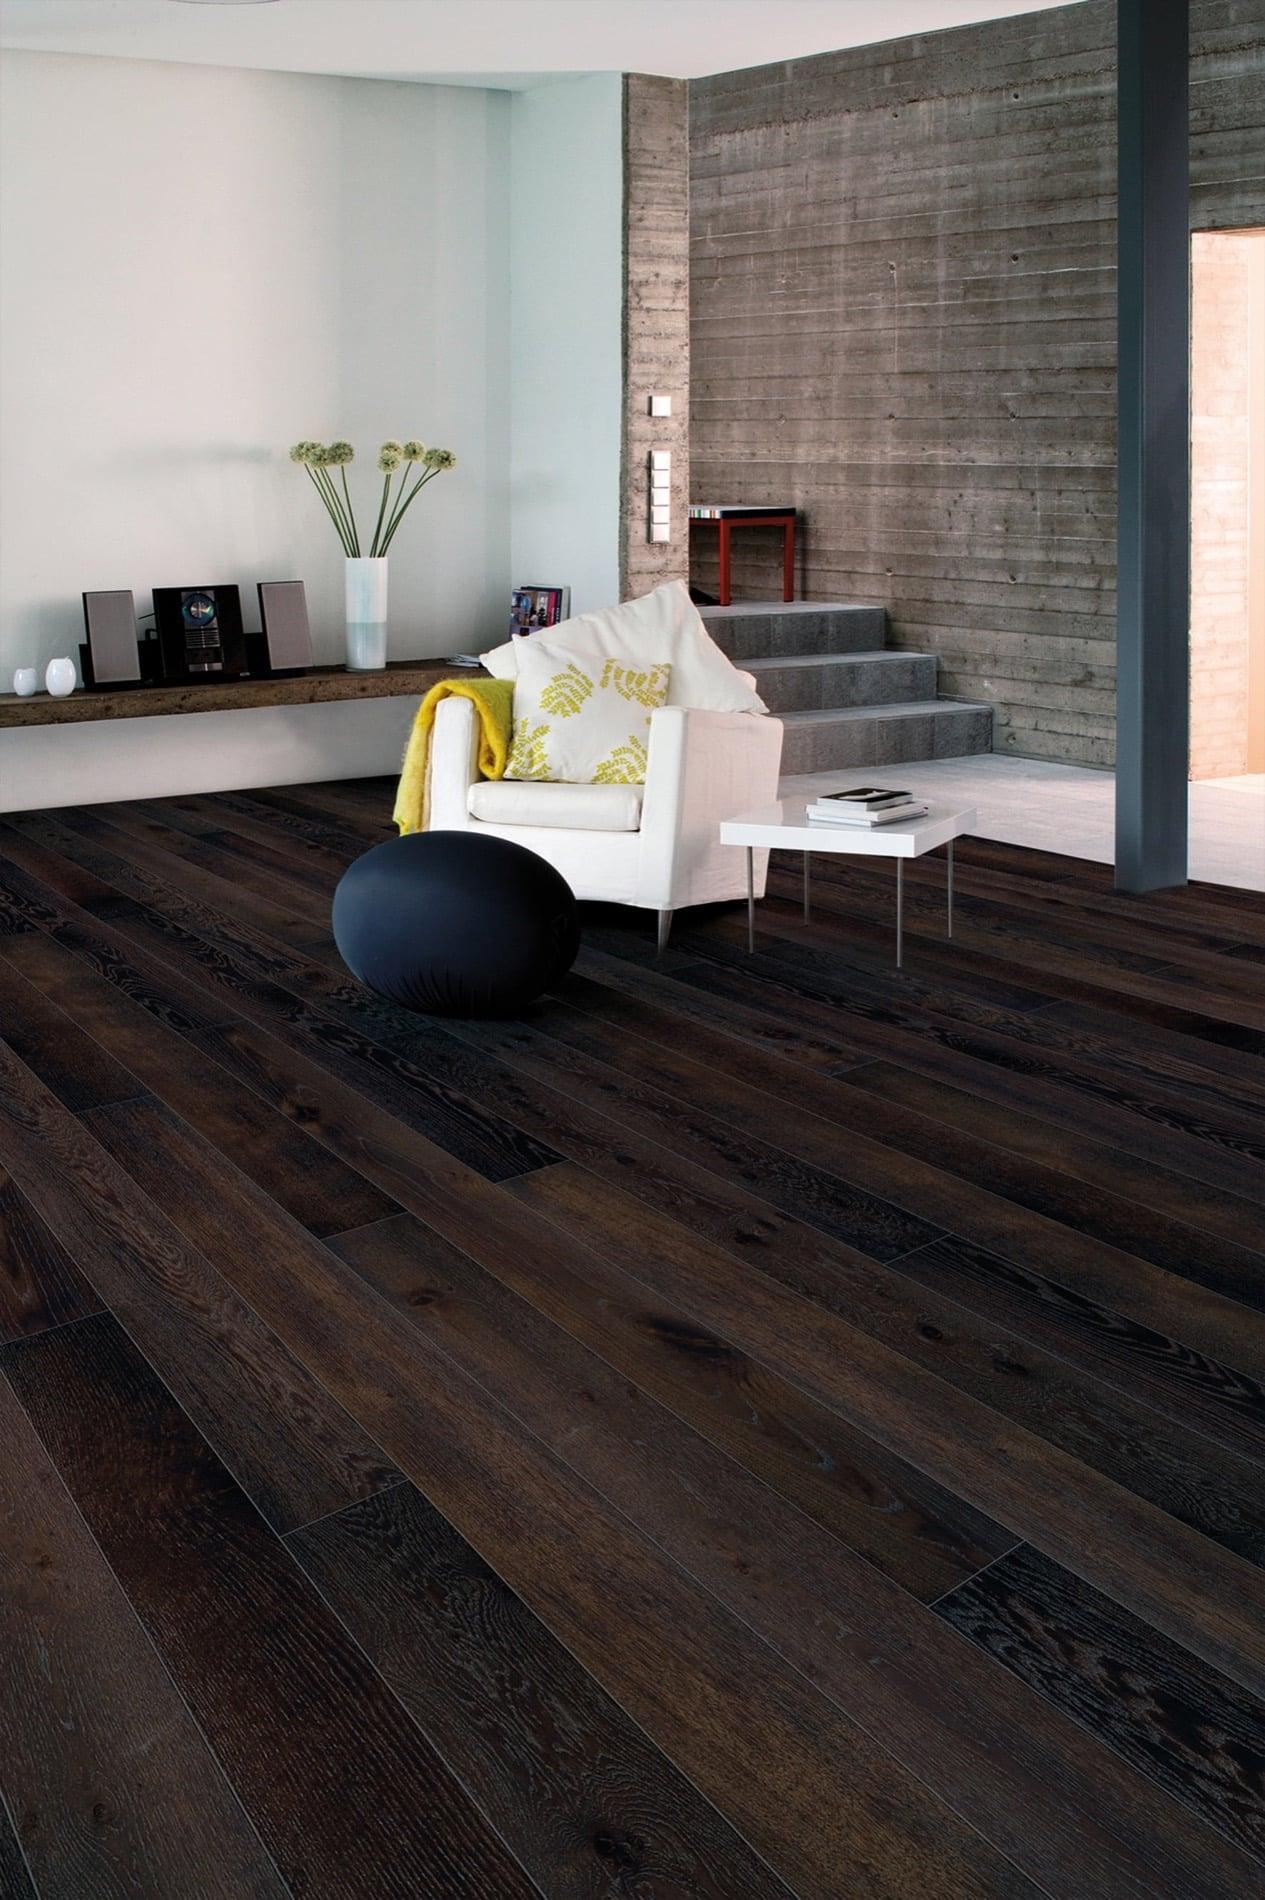 Timberwise-lankkuparketti-wooden floor-parektti-parquet-Tammi-Oak Classic, Walnut stain matt lacquer-living room